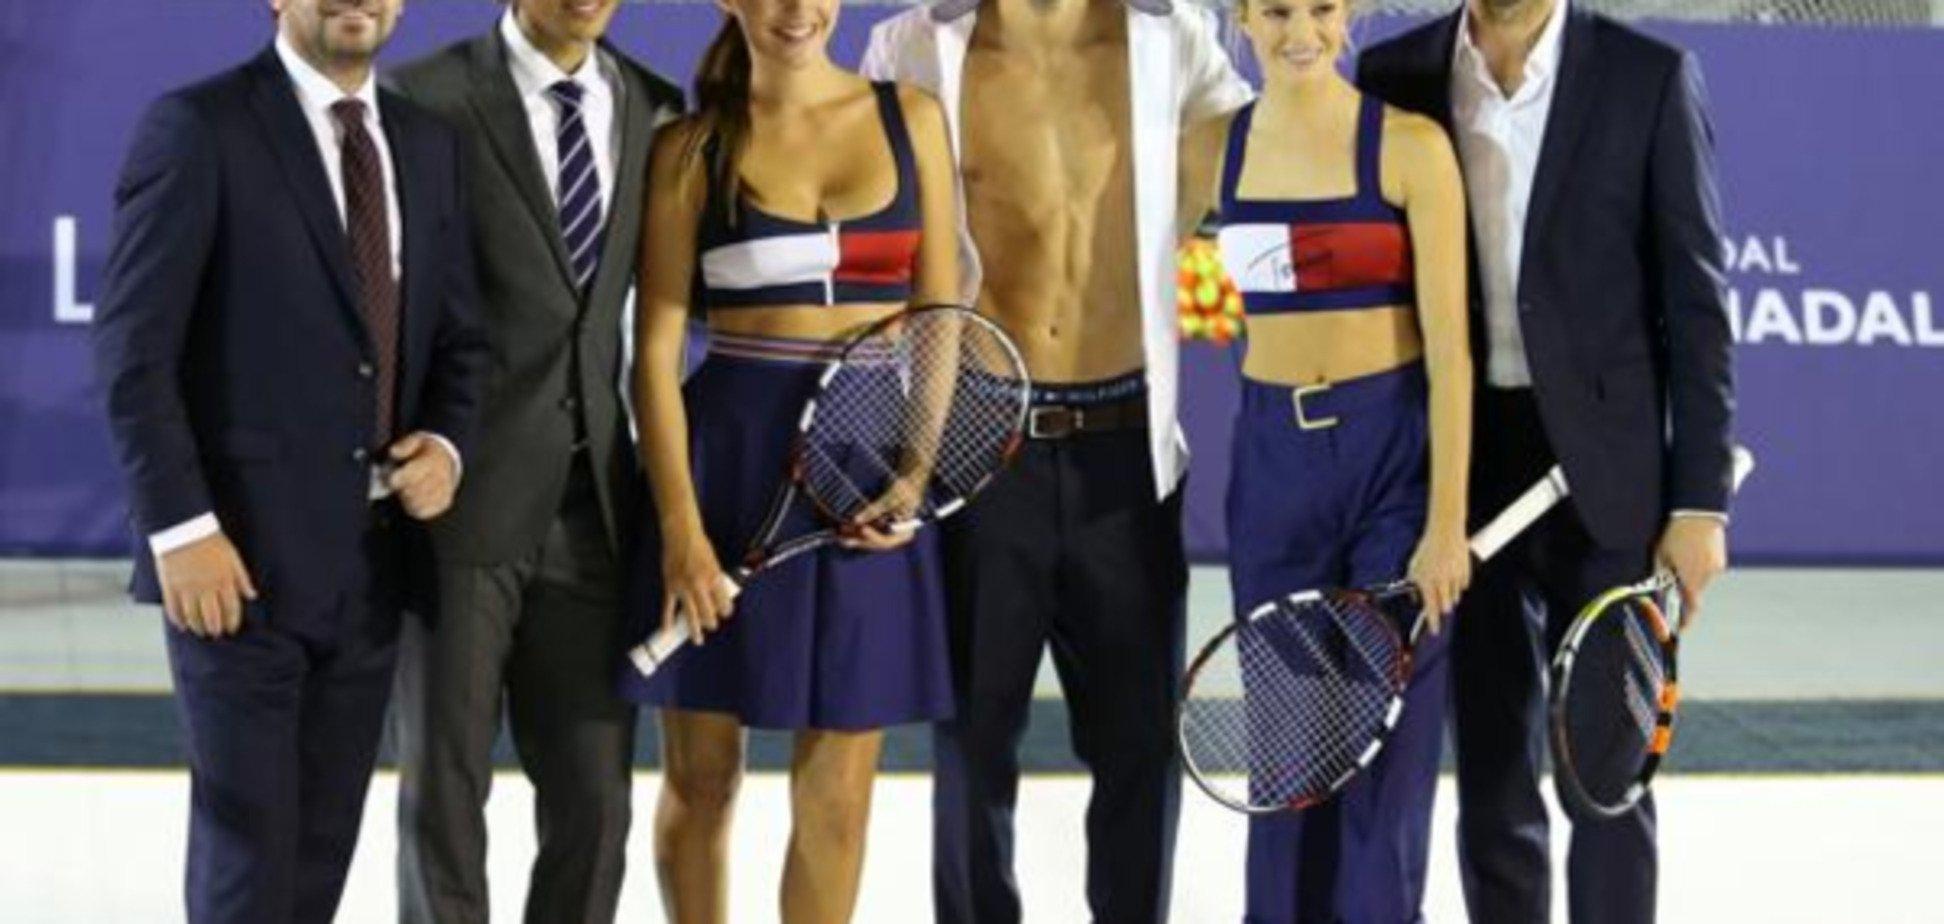 Надаль зіграв у теніс на роздягання з відомою моделлю